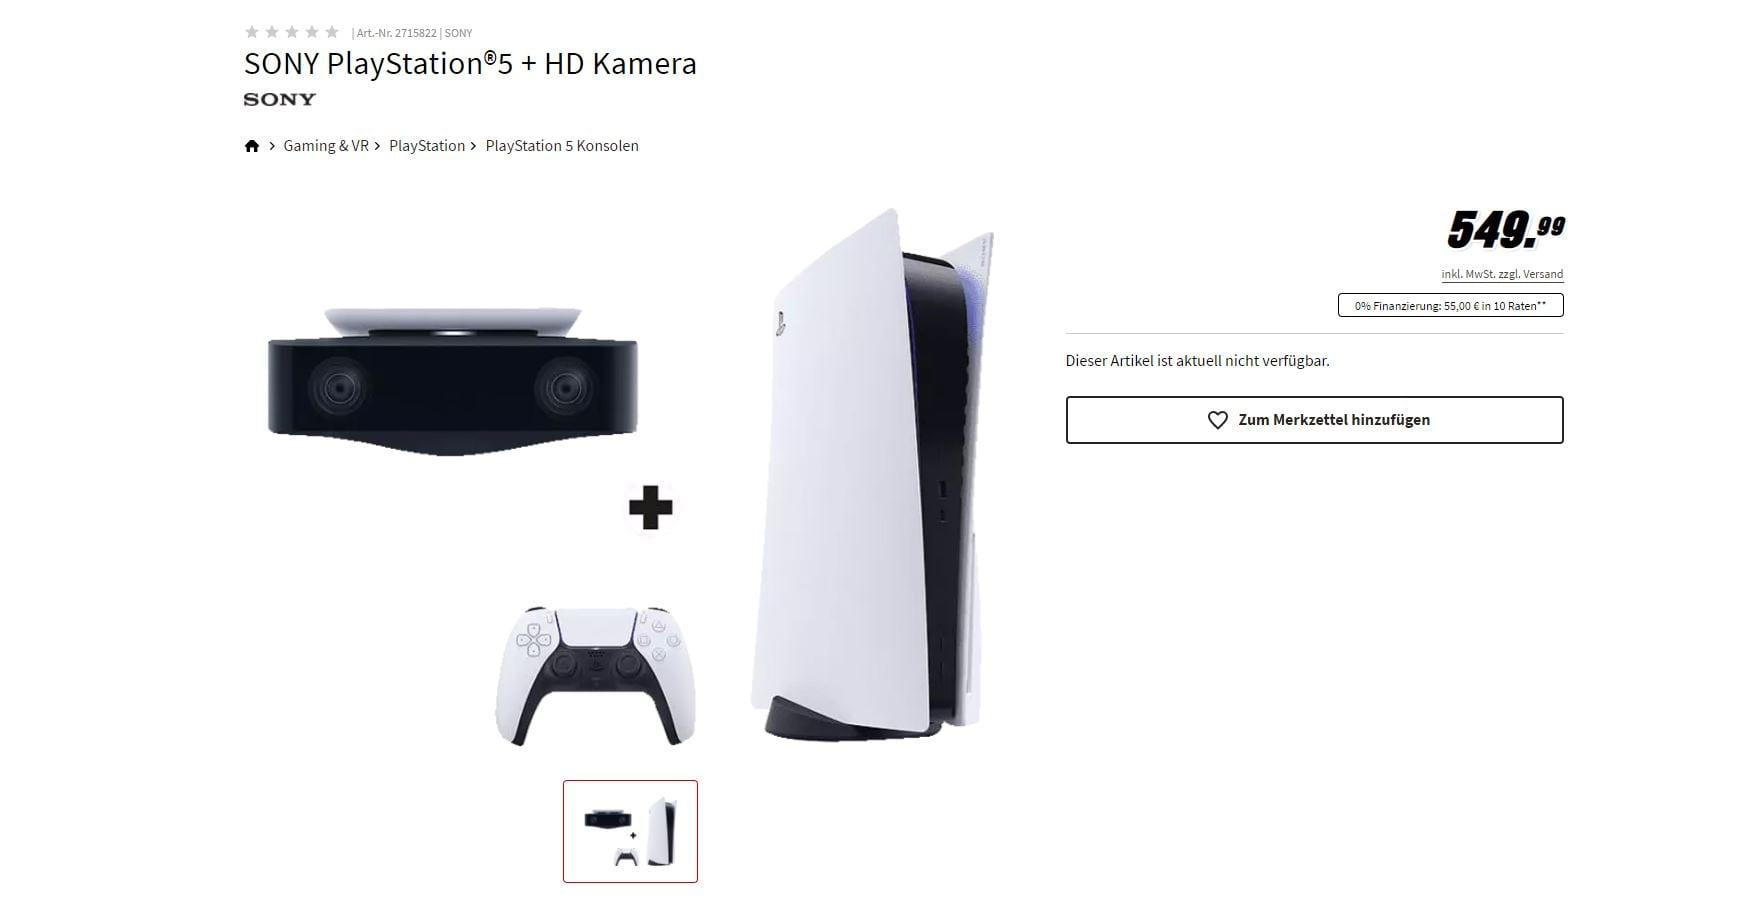 PS5 Bundle HD Kamera